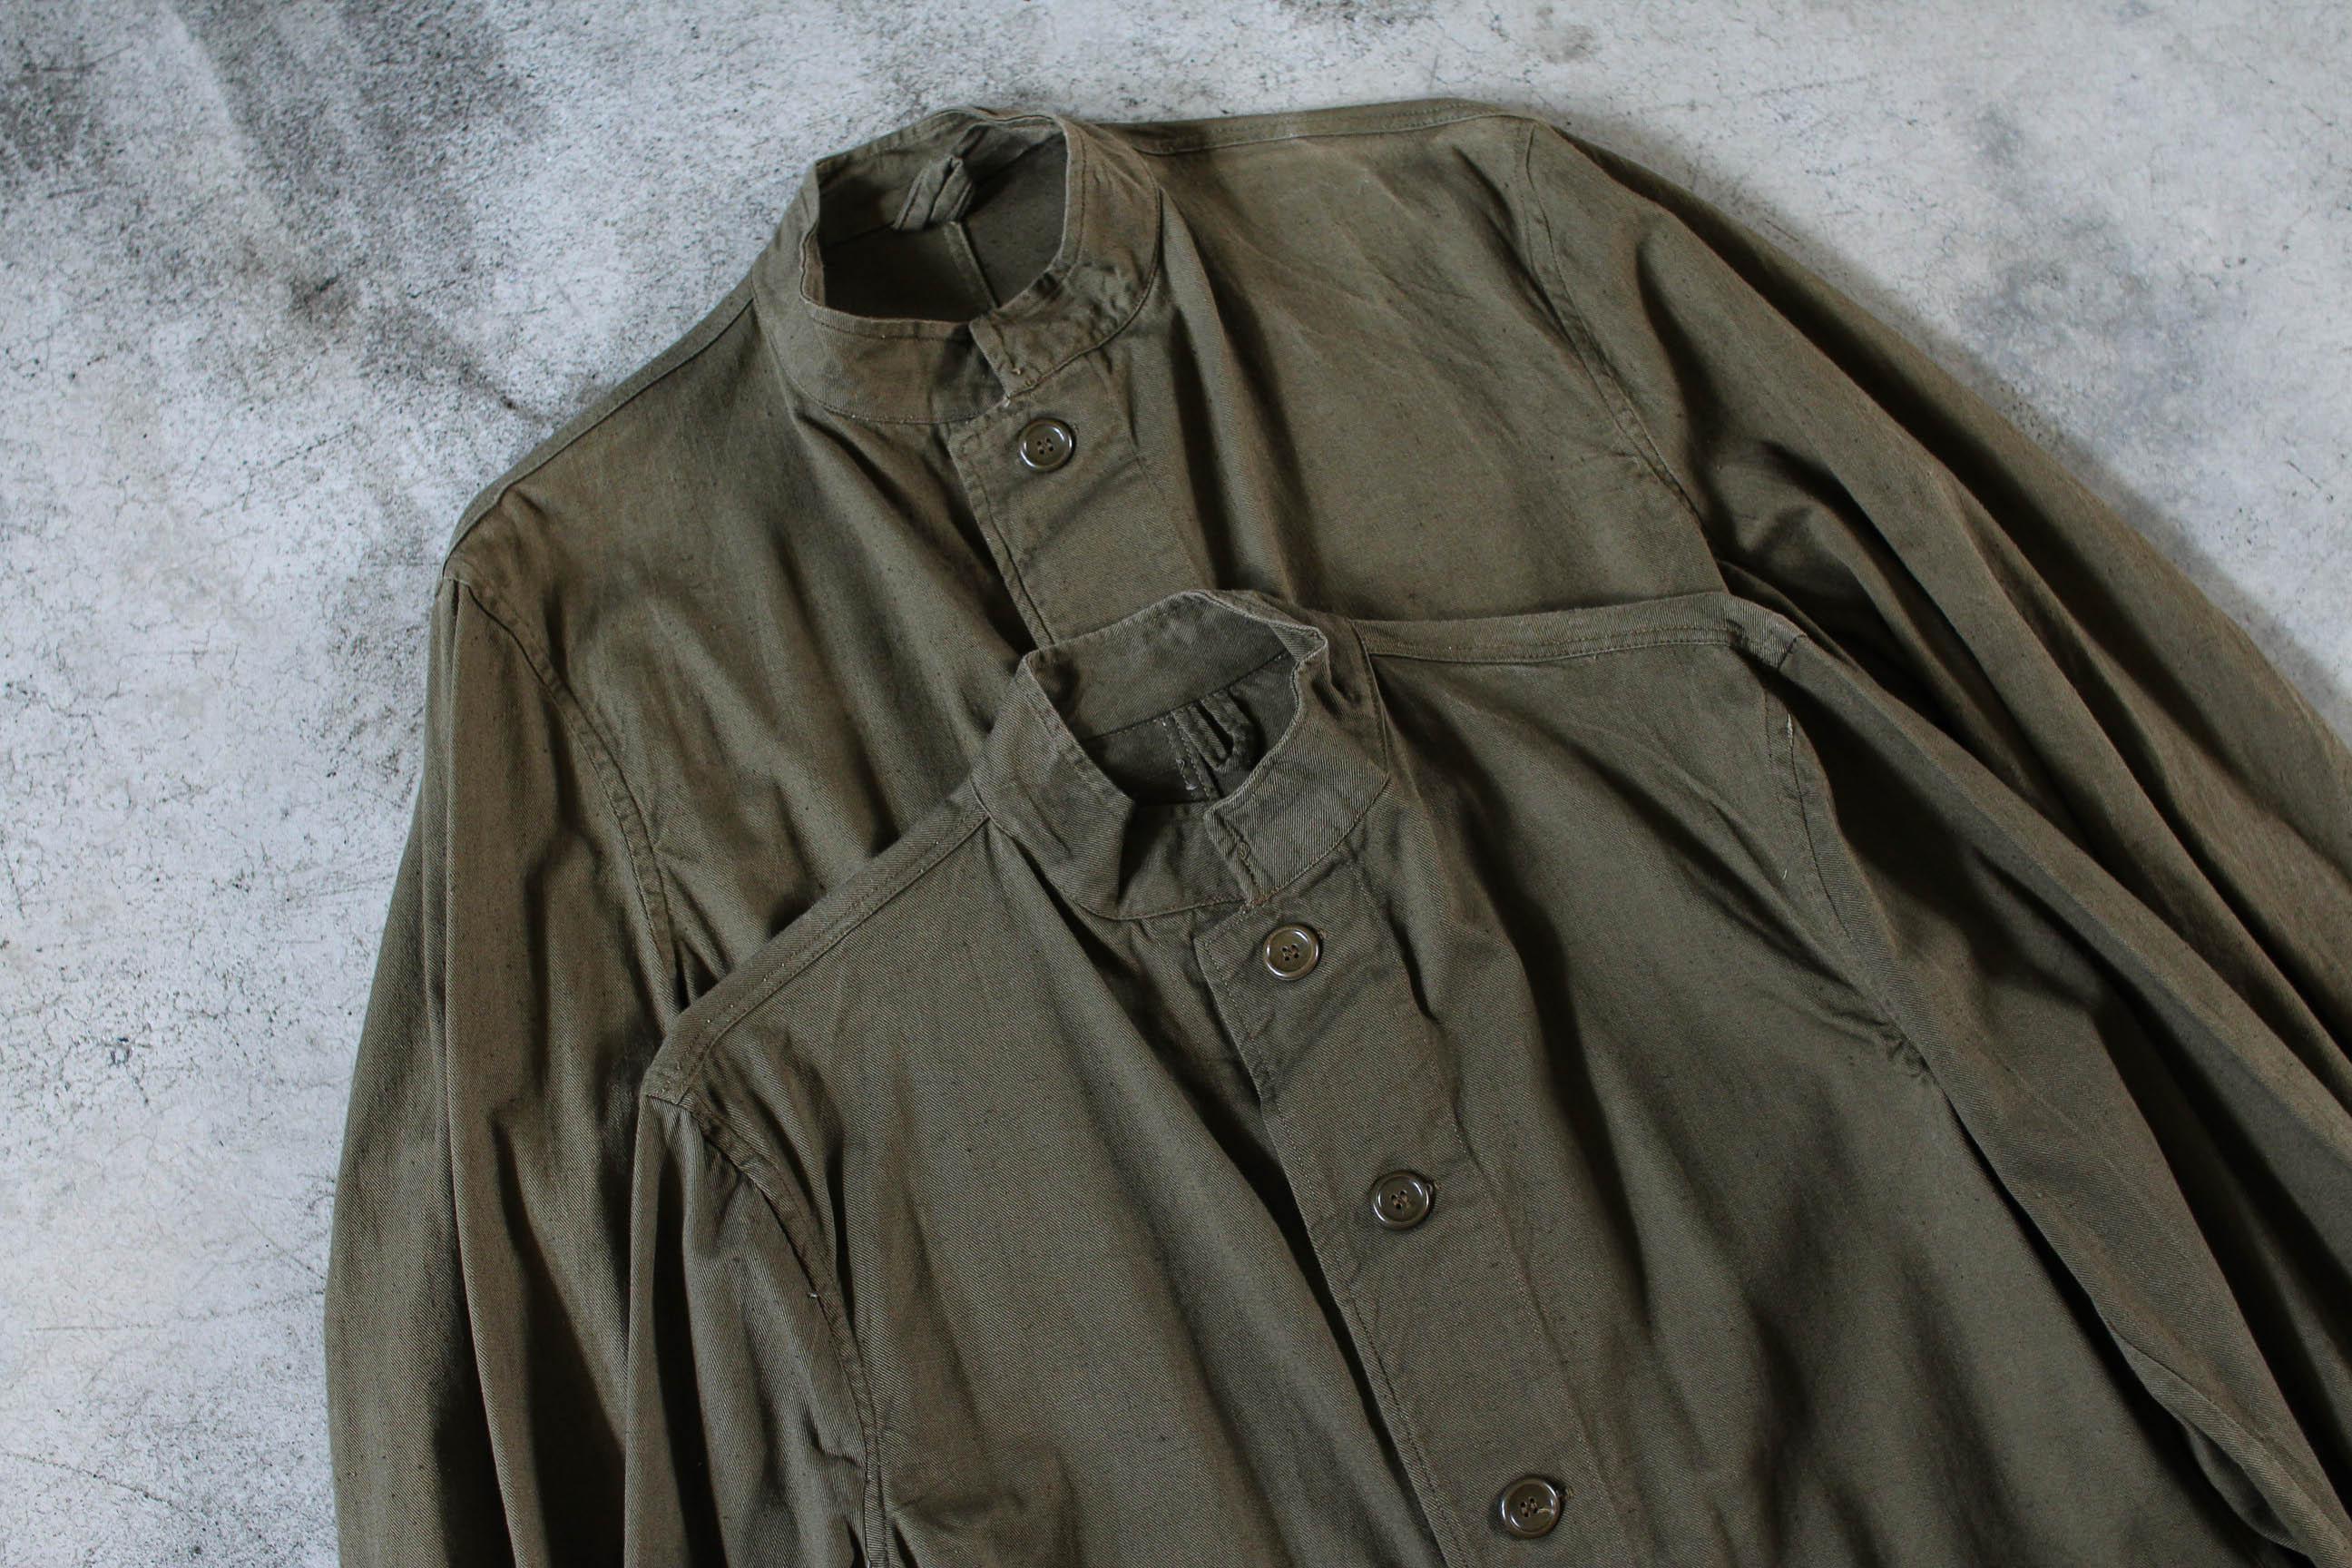 虫洞 - vintage and select shop | Featured Collections - Military Jacket